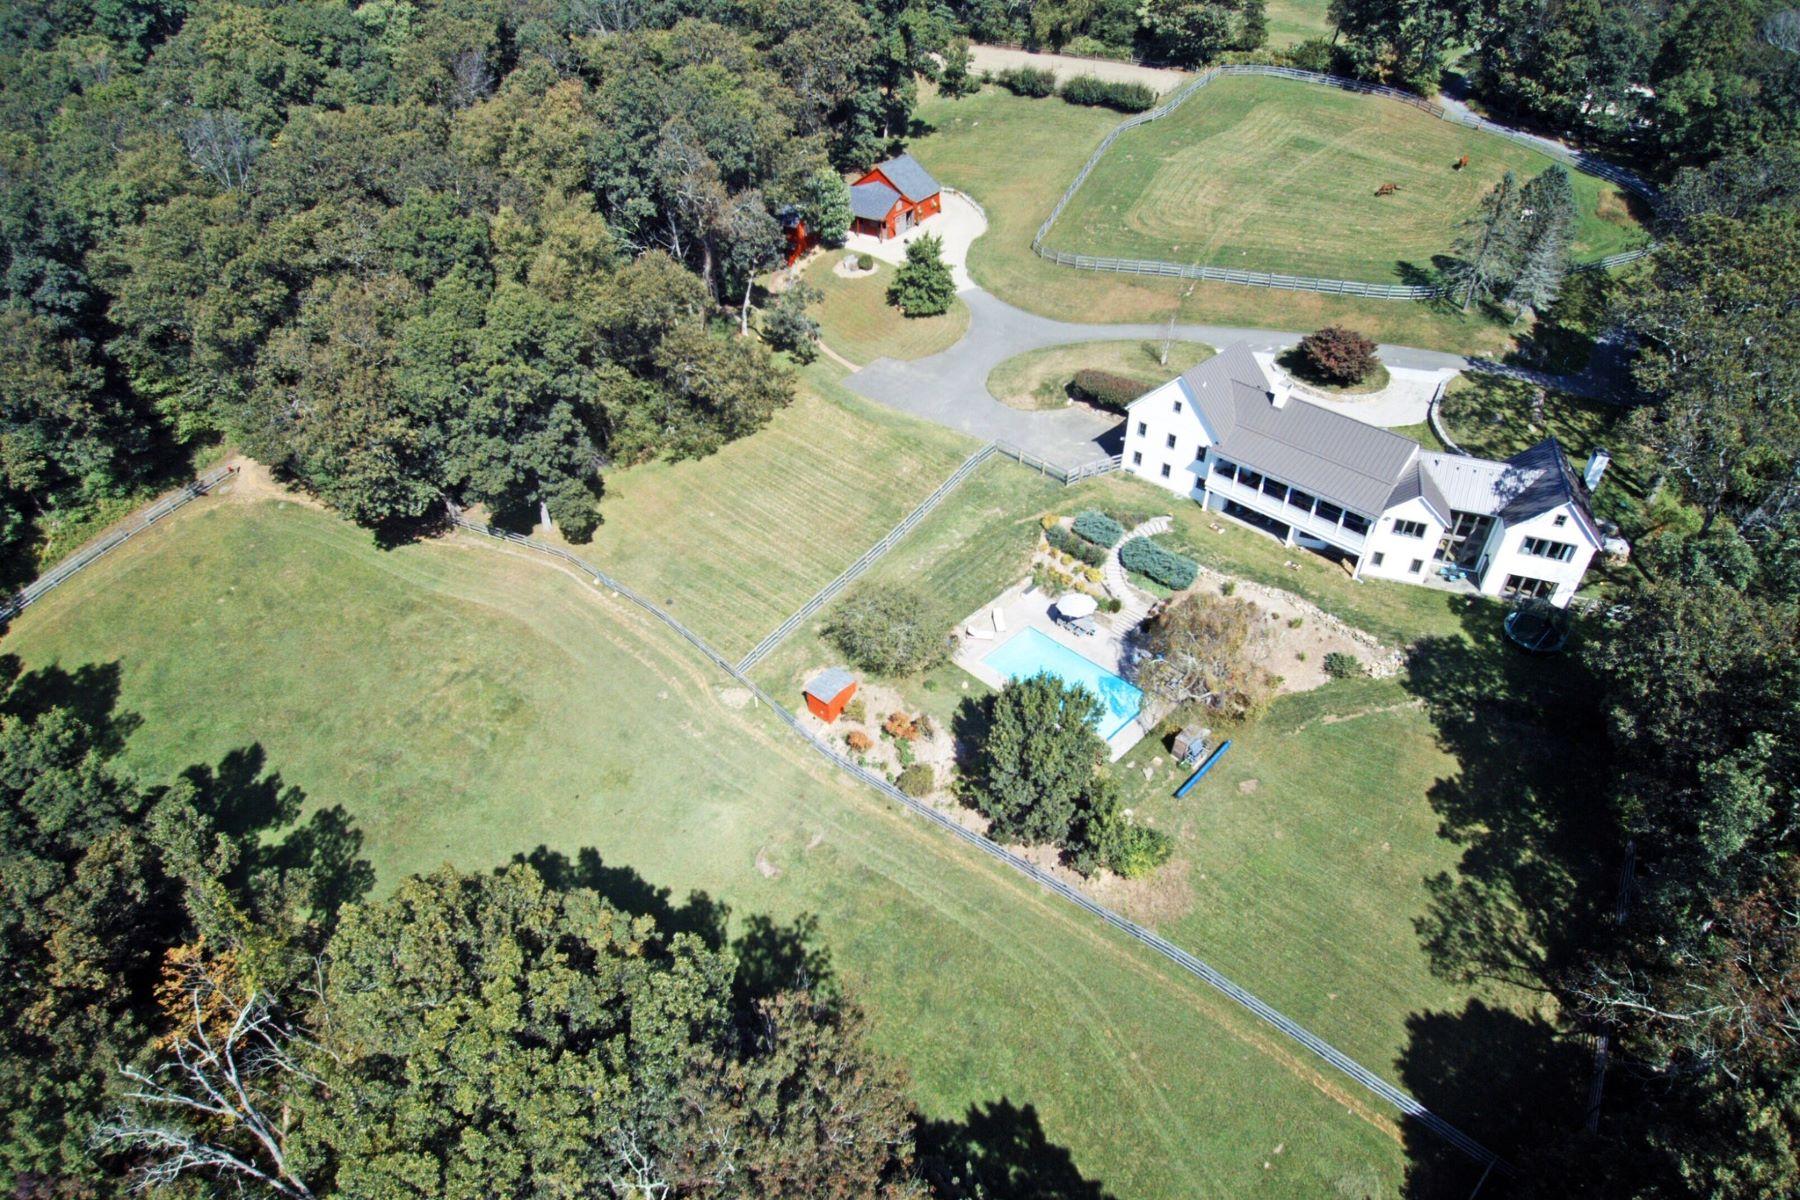 Single Family Homes для того Продажа на 18 Acre Equestrian Homestead 115 Cross Hwy Redding, Коннектикут 06896 Соединенные Штаты